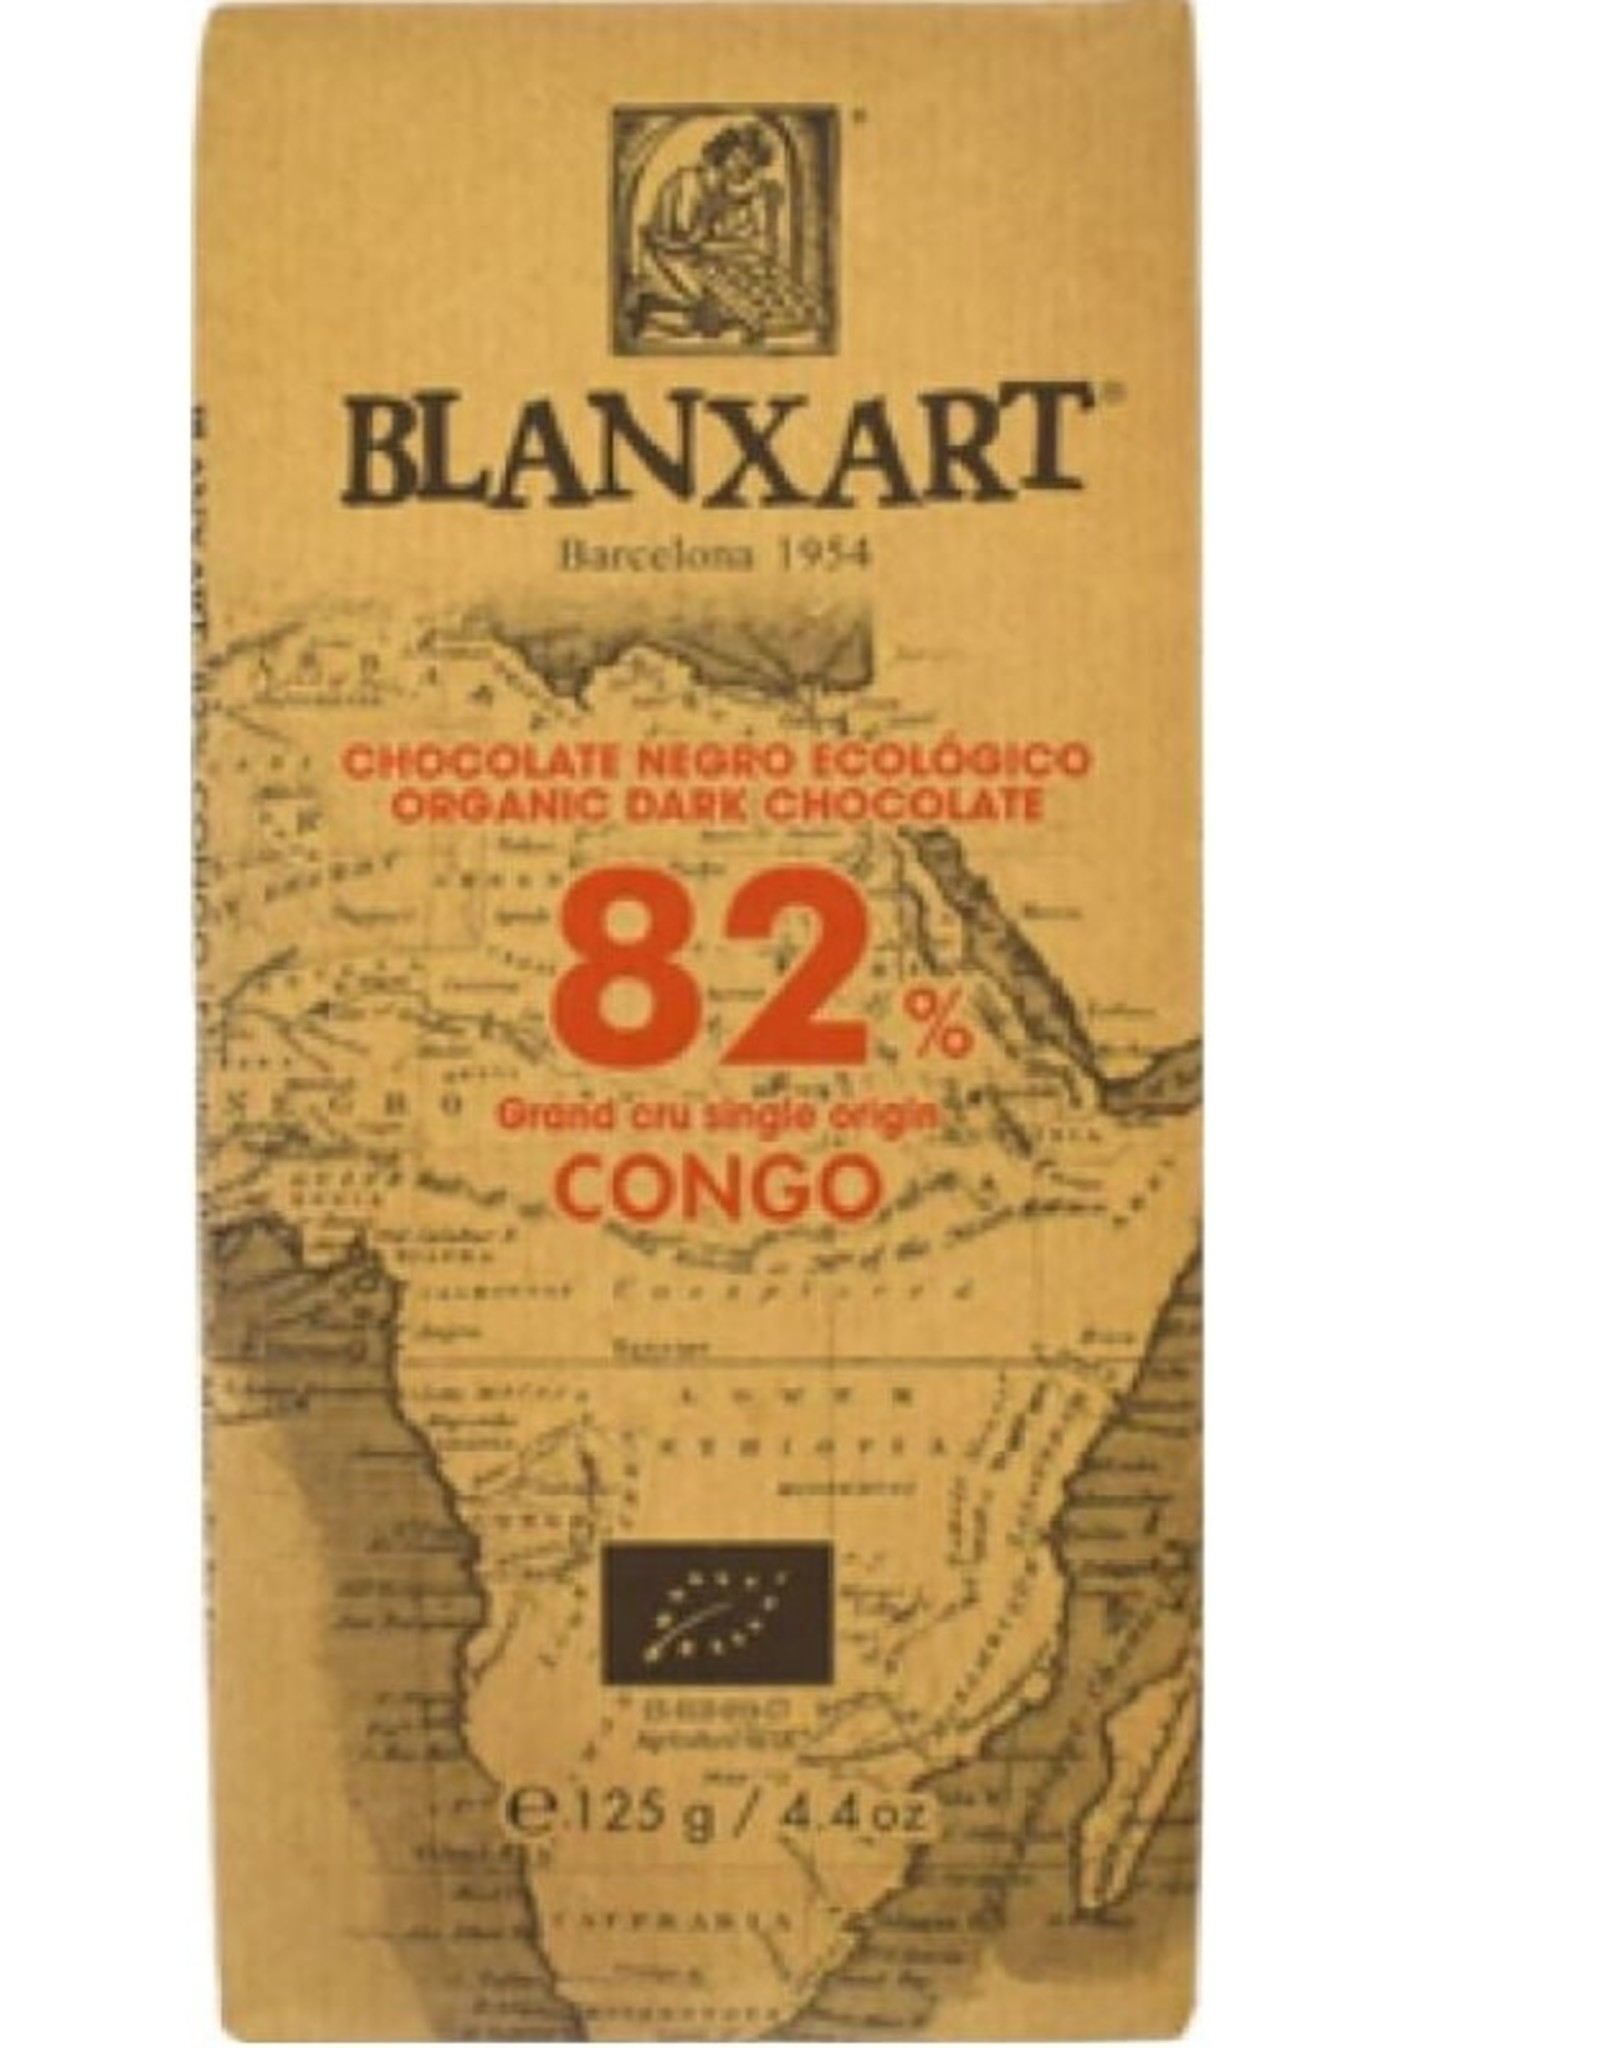 Blanxart, Spain Blanxart Congo, 82%